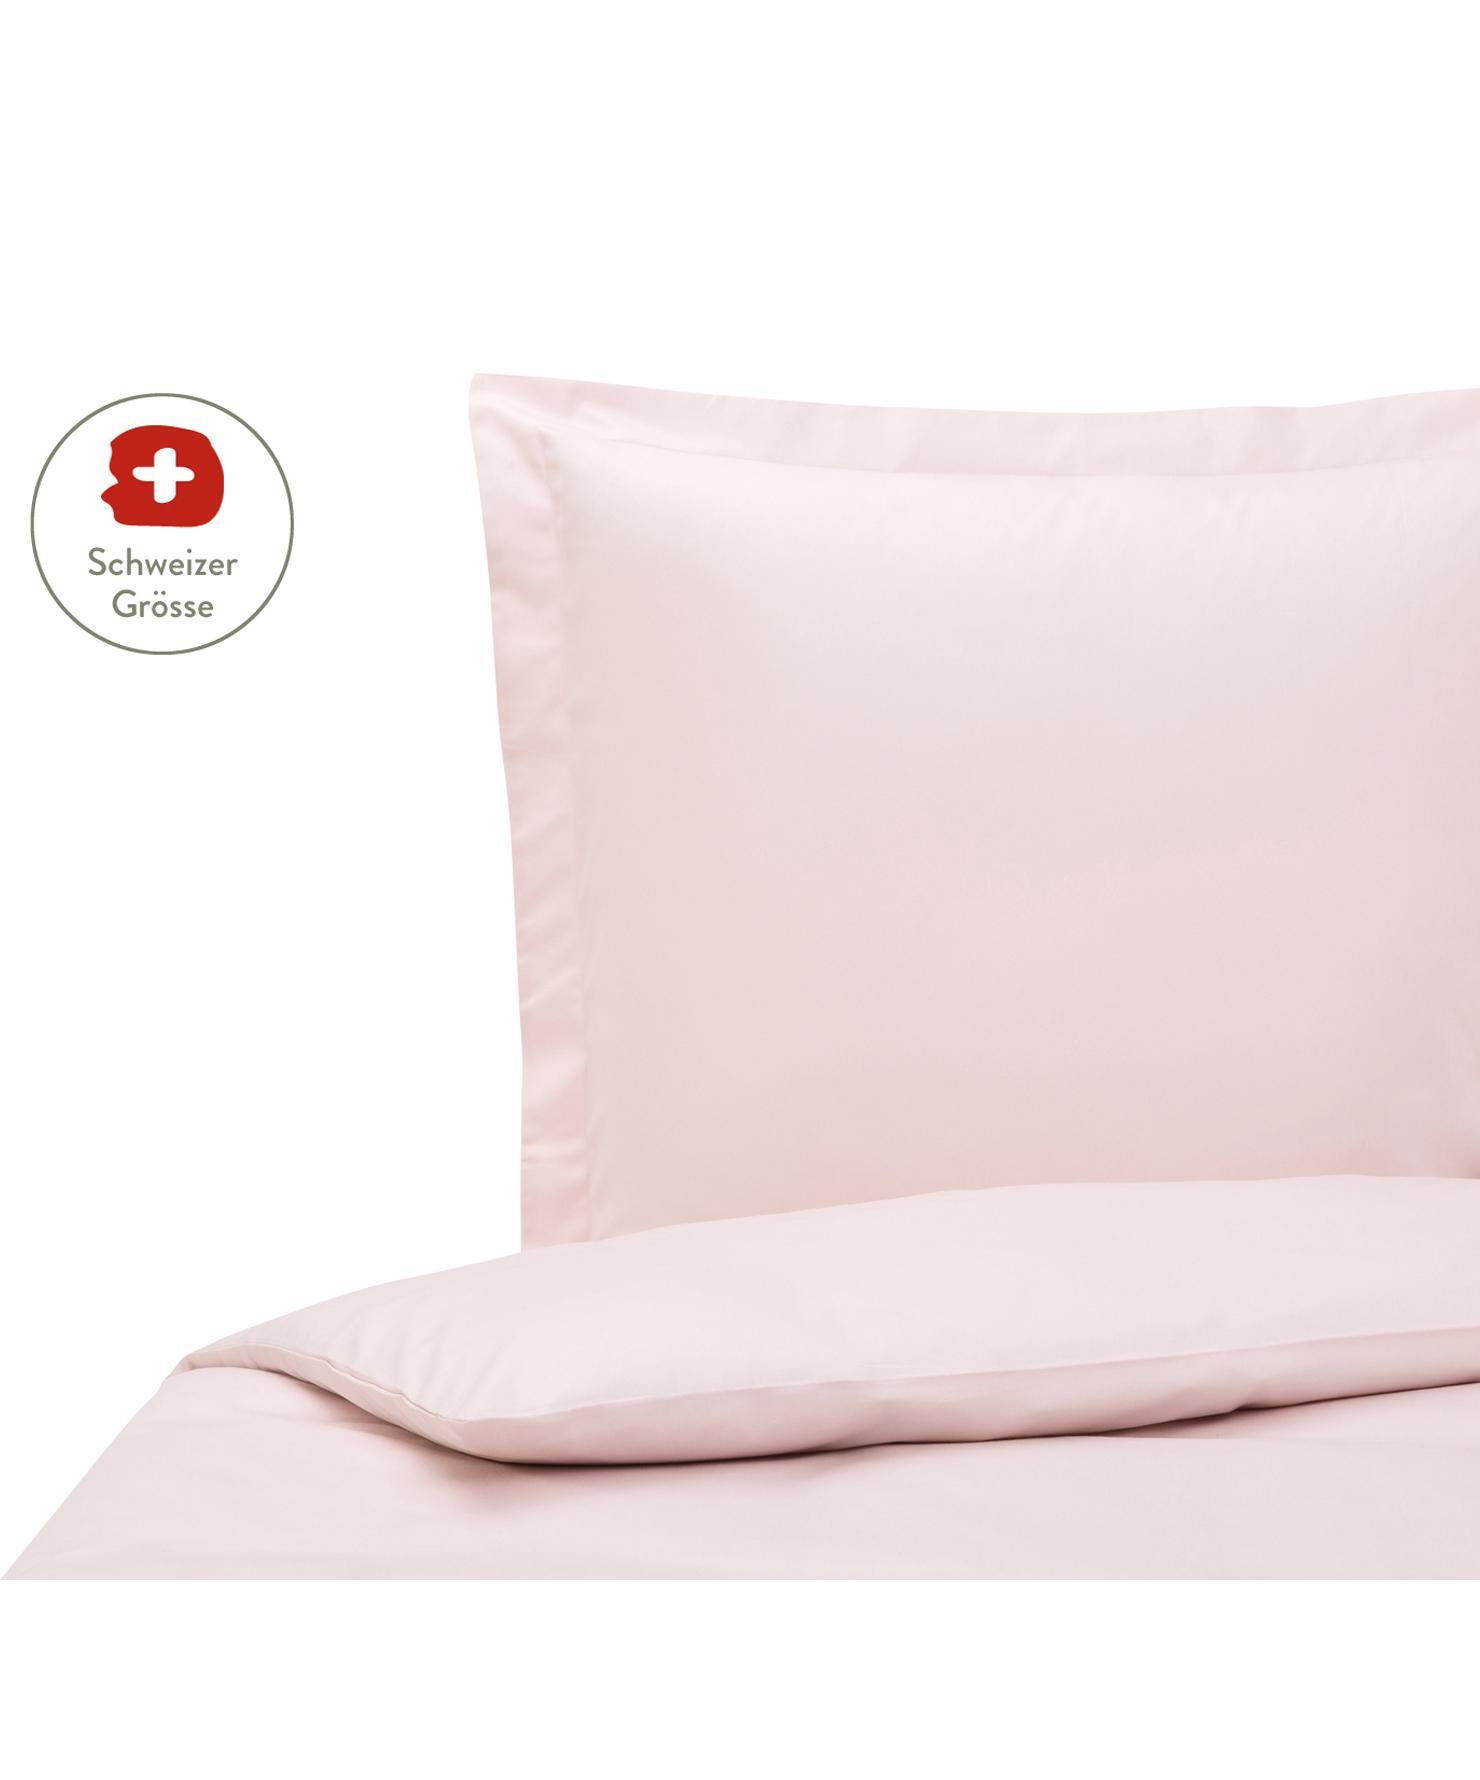 Baumwollsatin-Bettdeckenbezug Premium in Rosa mit Stehsaum, Webart: Satin, leicht glänzend Fa, Rosa, 160 x 210 cm